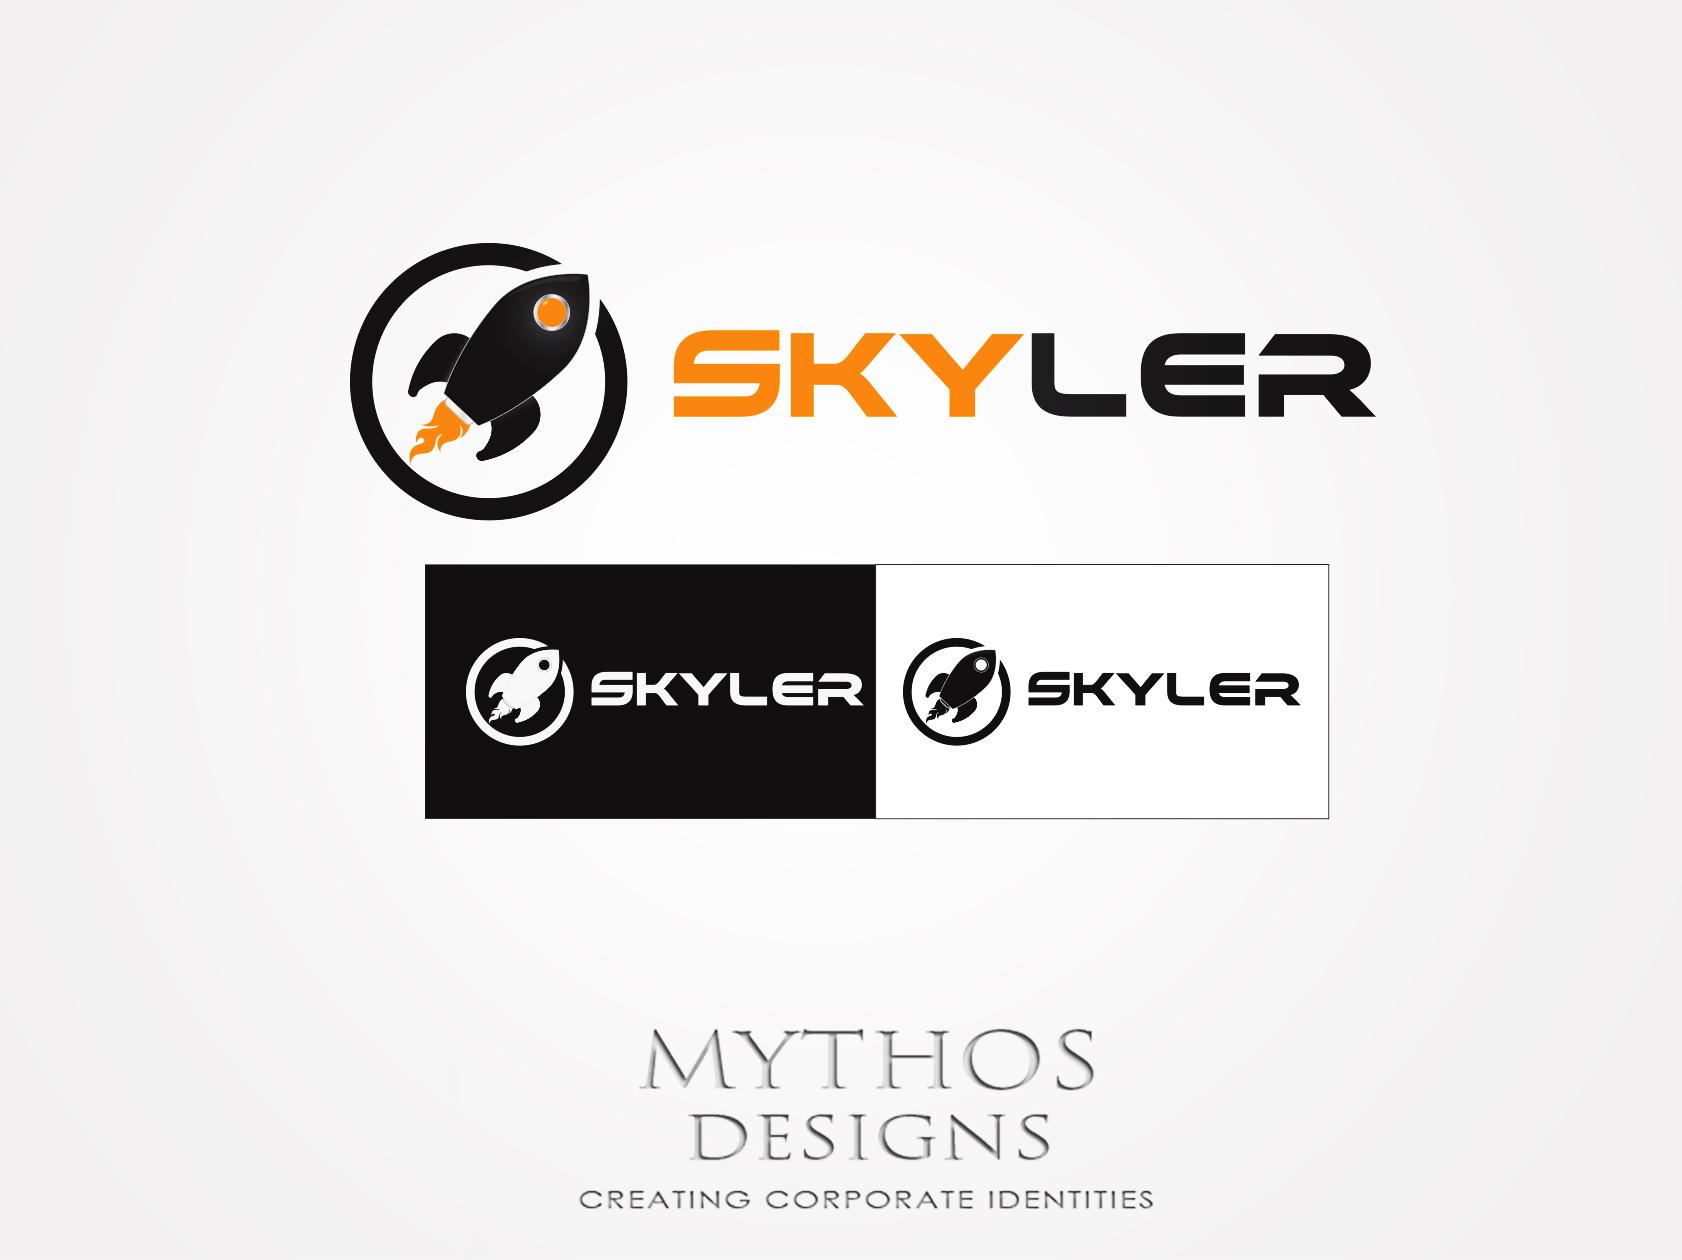 Logo Design by Mythos Designs - Entry No. 191 in the Logo Design Contest Artistic Logo Design for Skyler.Asia.